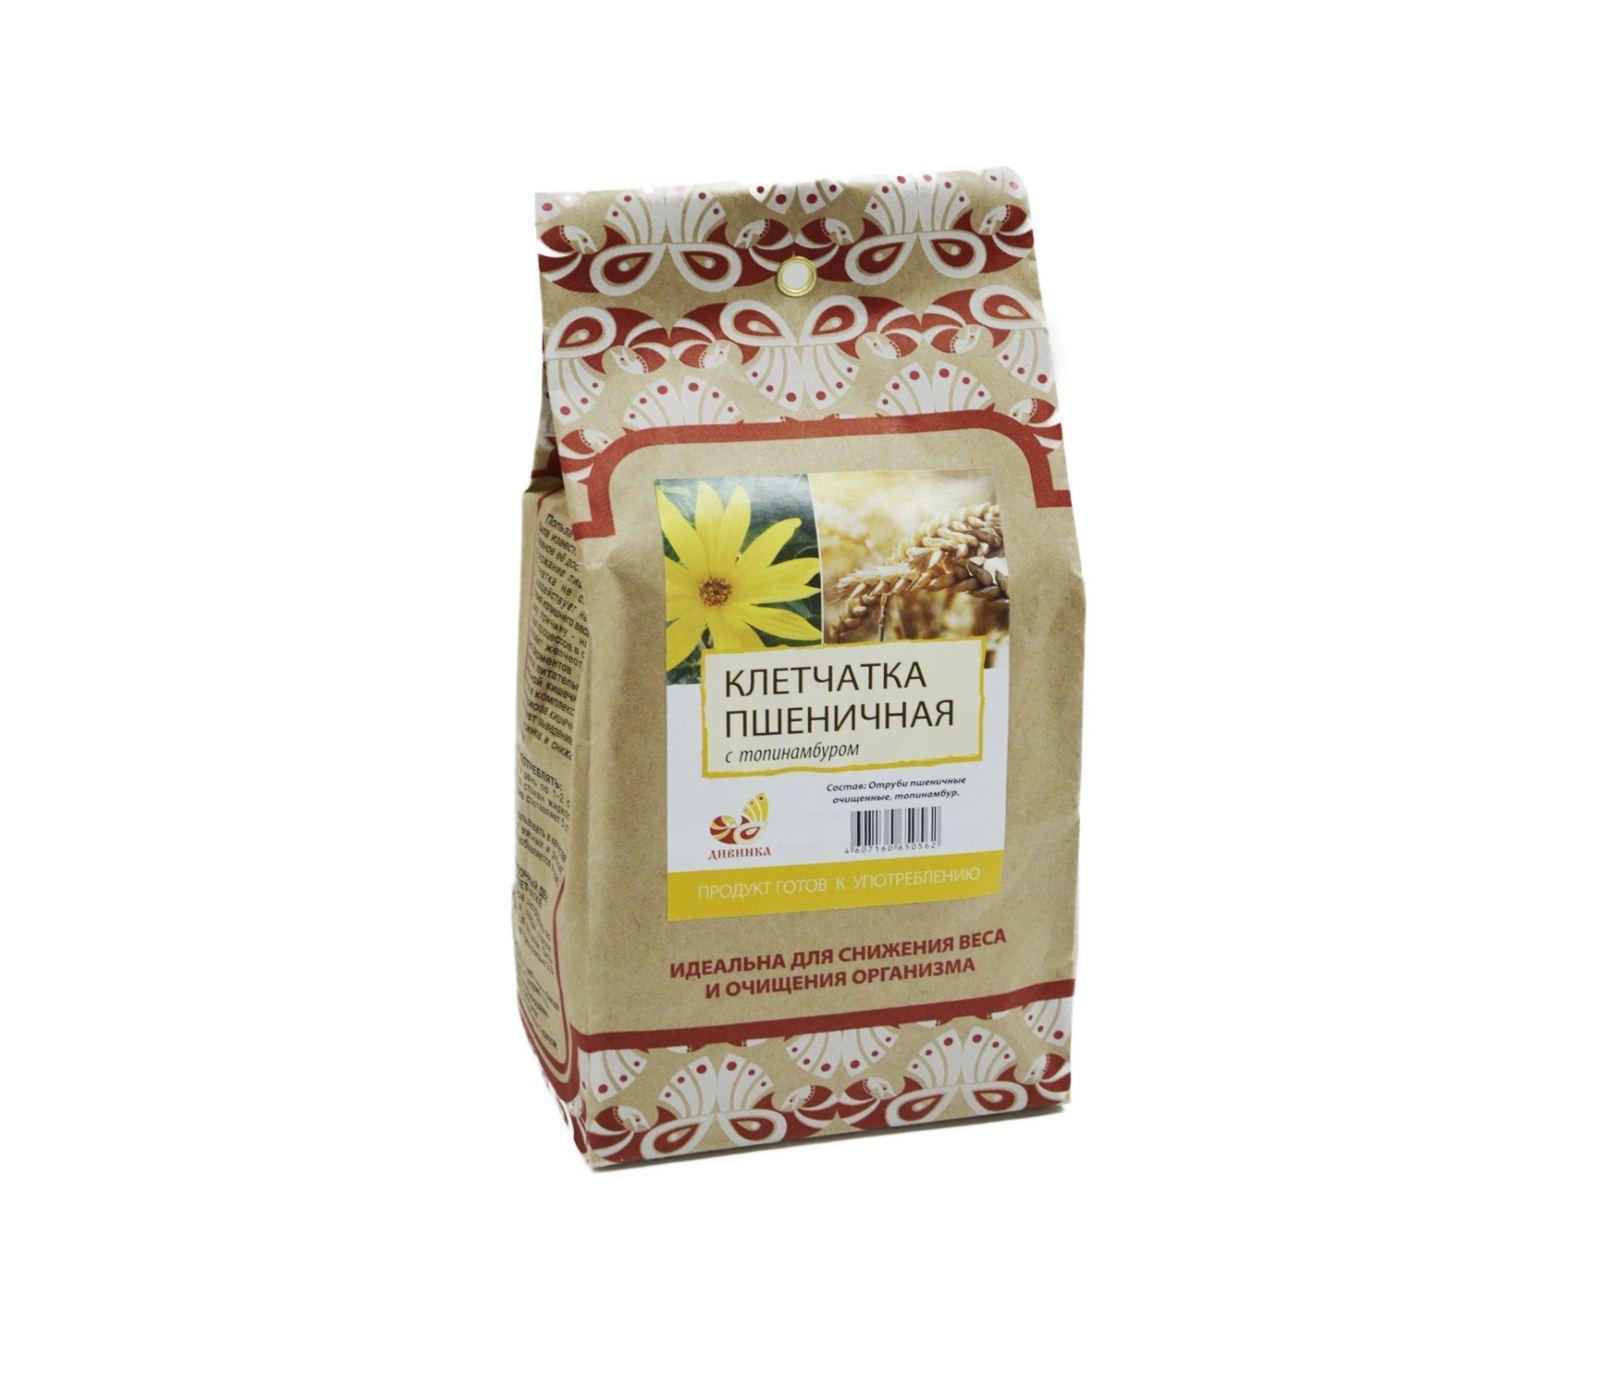 Клетчатка пшеничная, Дивинка, Топинамбур, бумажный пакет, 300 г.